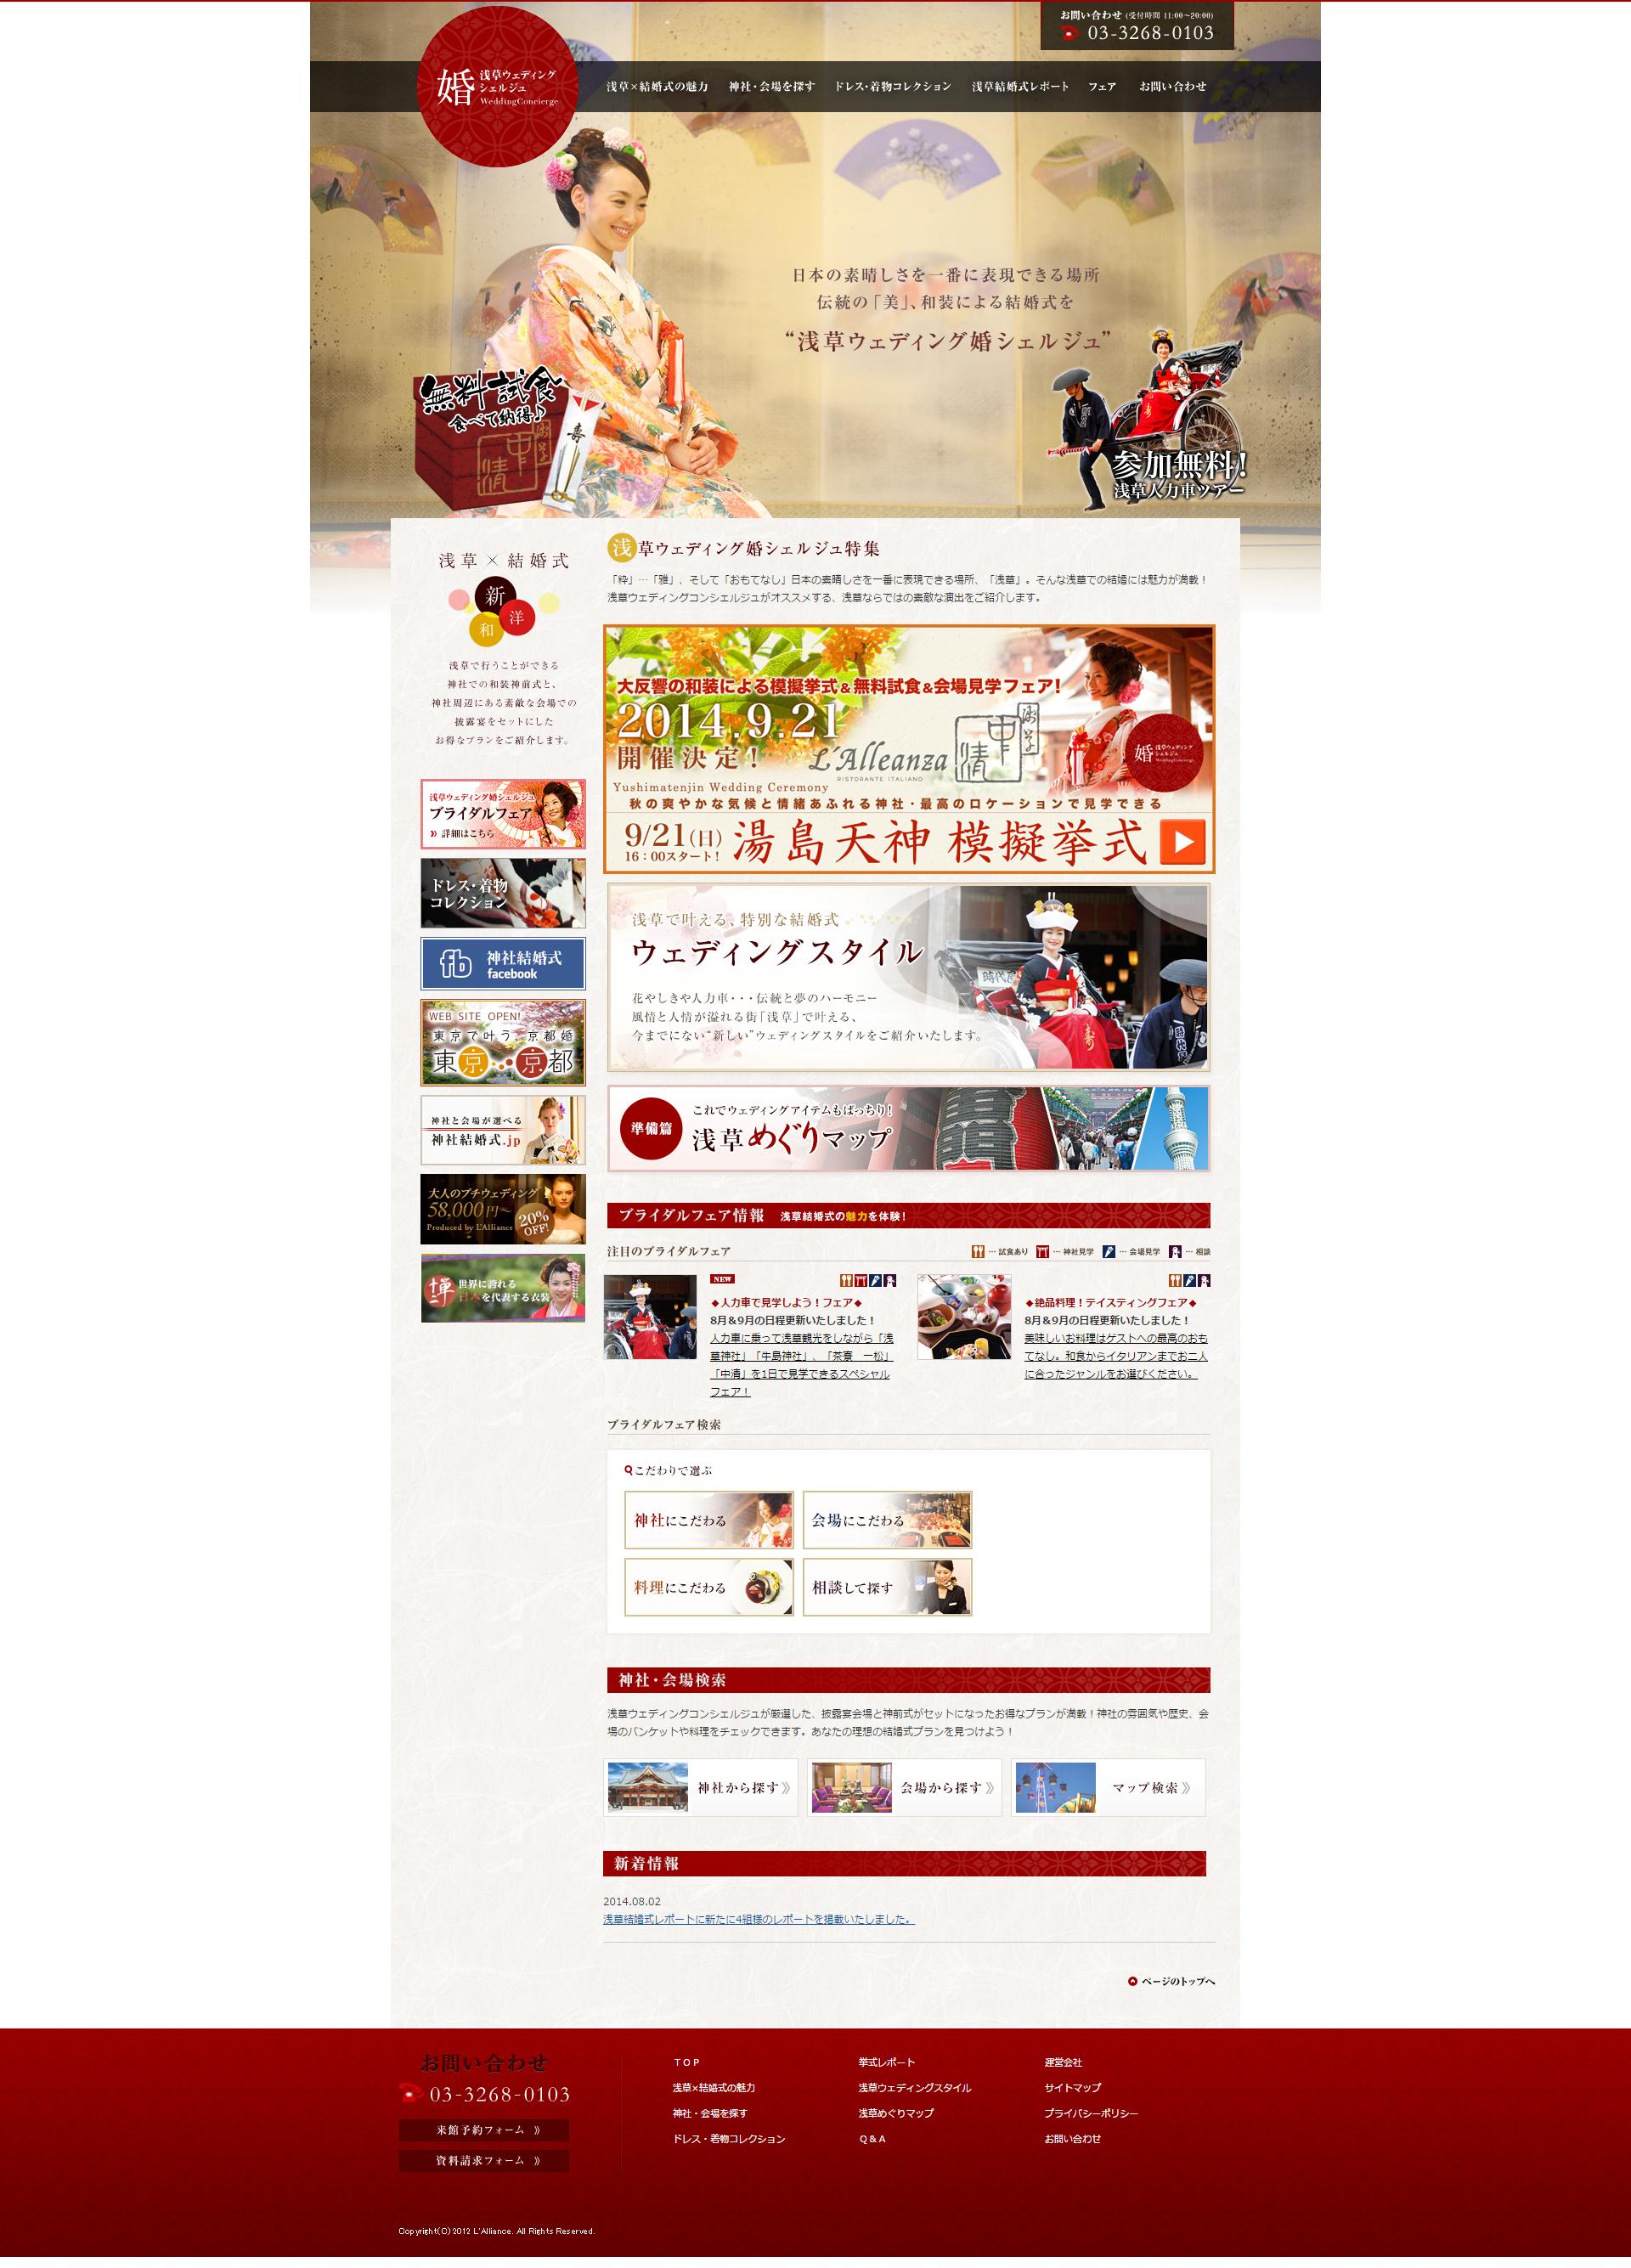 http://www.asakusa-w.com/